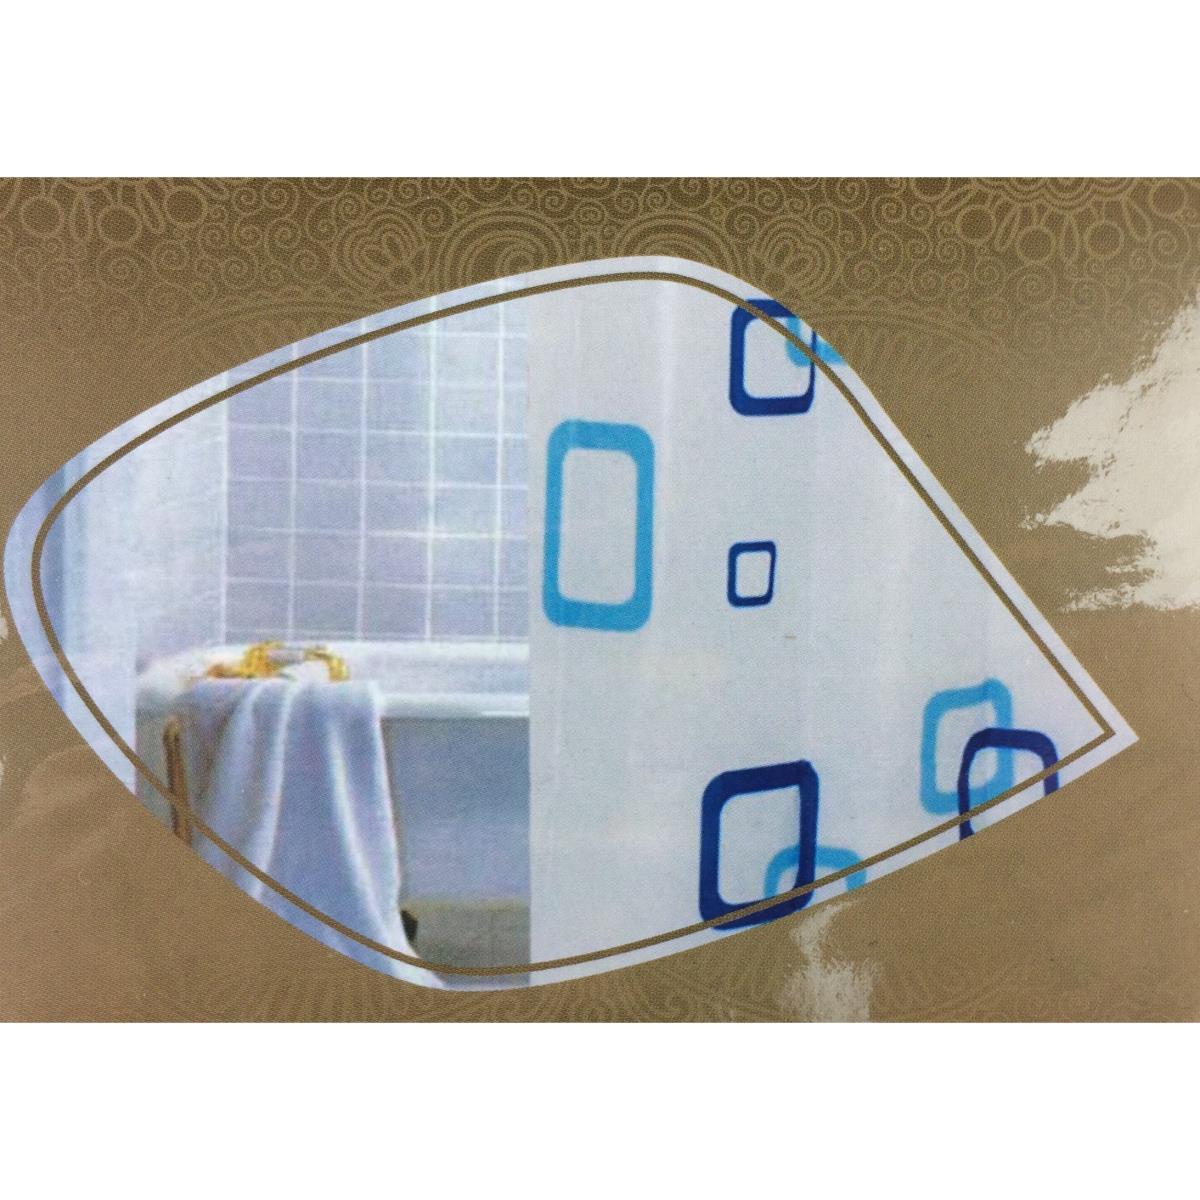 Duschabtrennung mit Ringen Badvorhang Wannenvorhang Duschvorhang 180 x 180 cm ,UAB,000051182740, 4770364246807